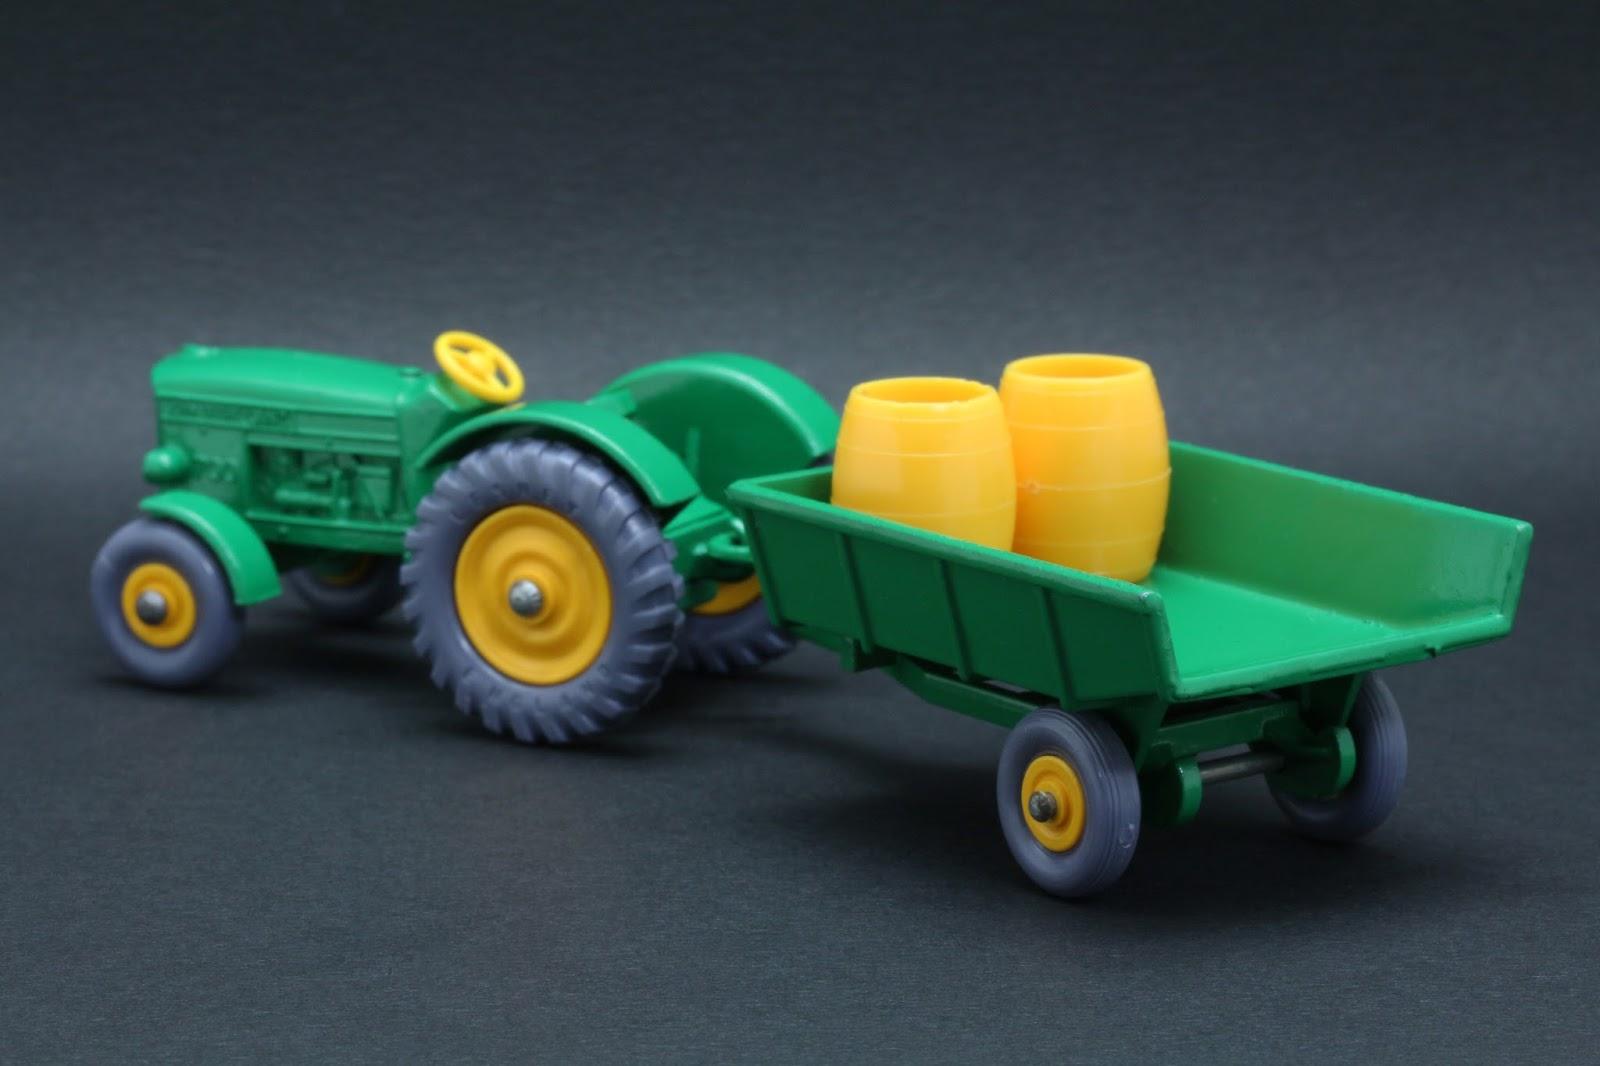 John Deere Matchbox Tractor : Diecast hobbist matchbox lesney series b